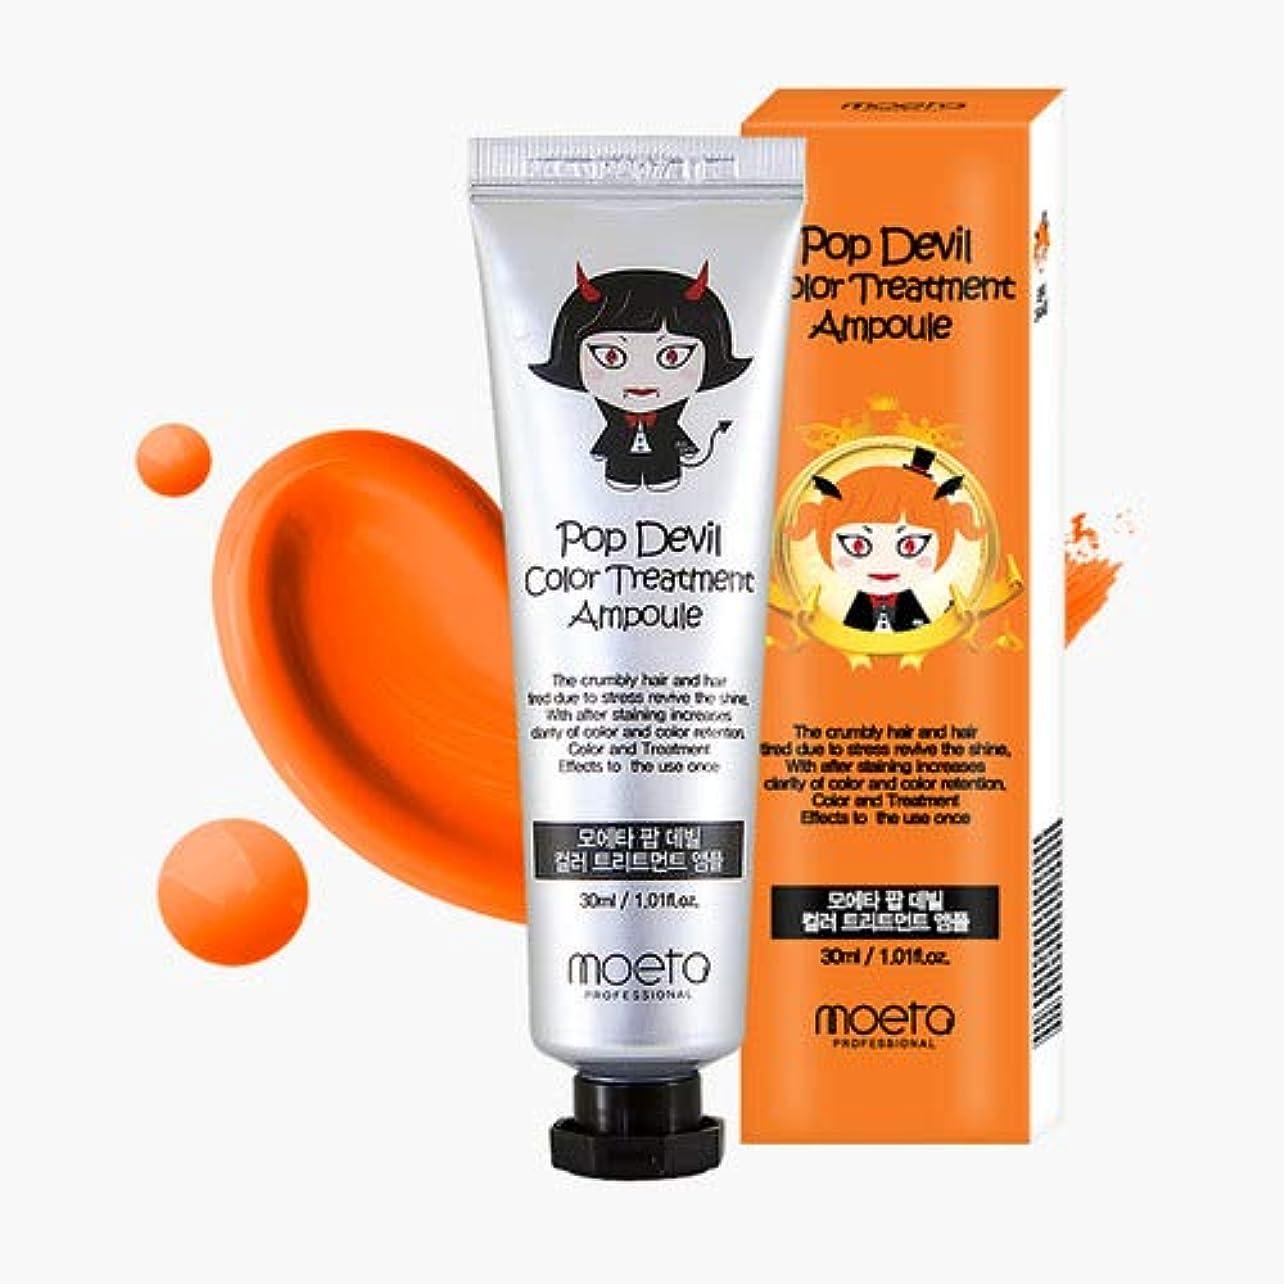 つかむ満足できると遊ぶMoeta  ポップ デビル カラートリートメント アンプル / Pop Devil Color Treatment Ampoule (30ml) (オレンジ) [並行輸入品]